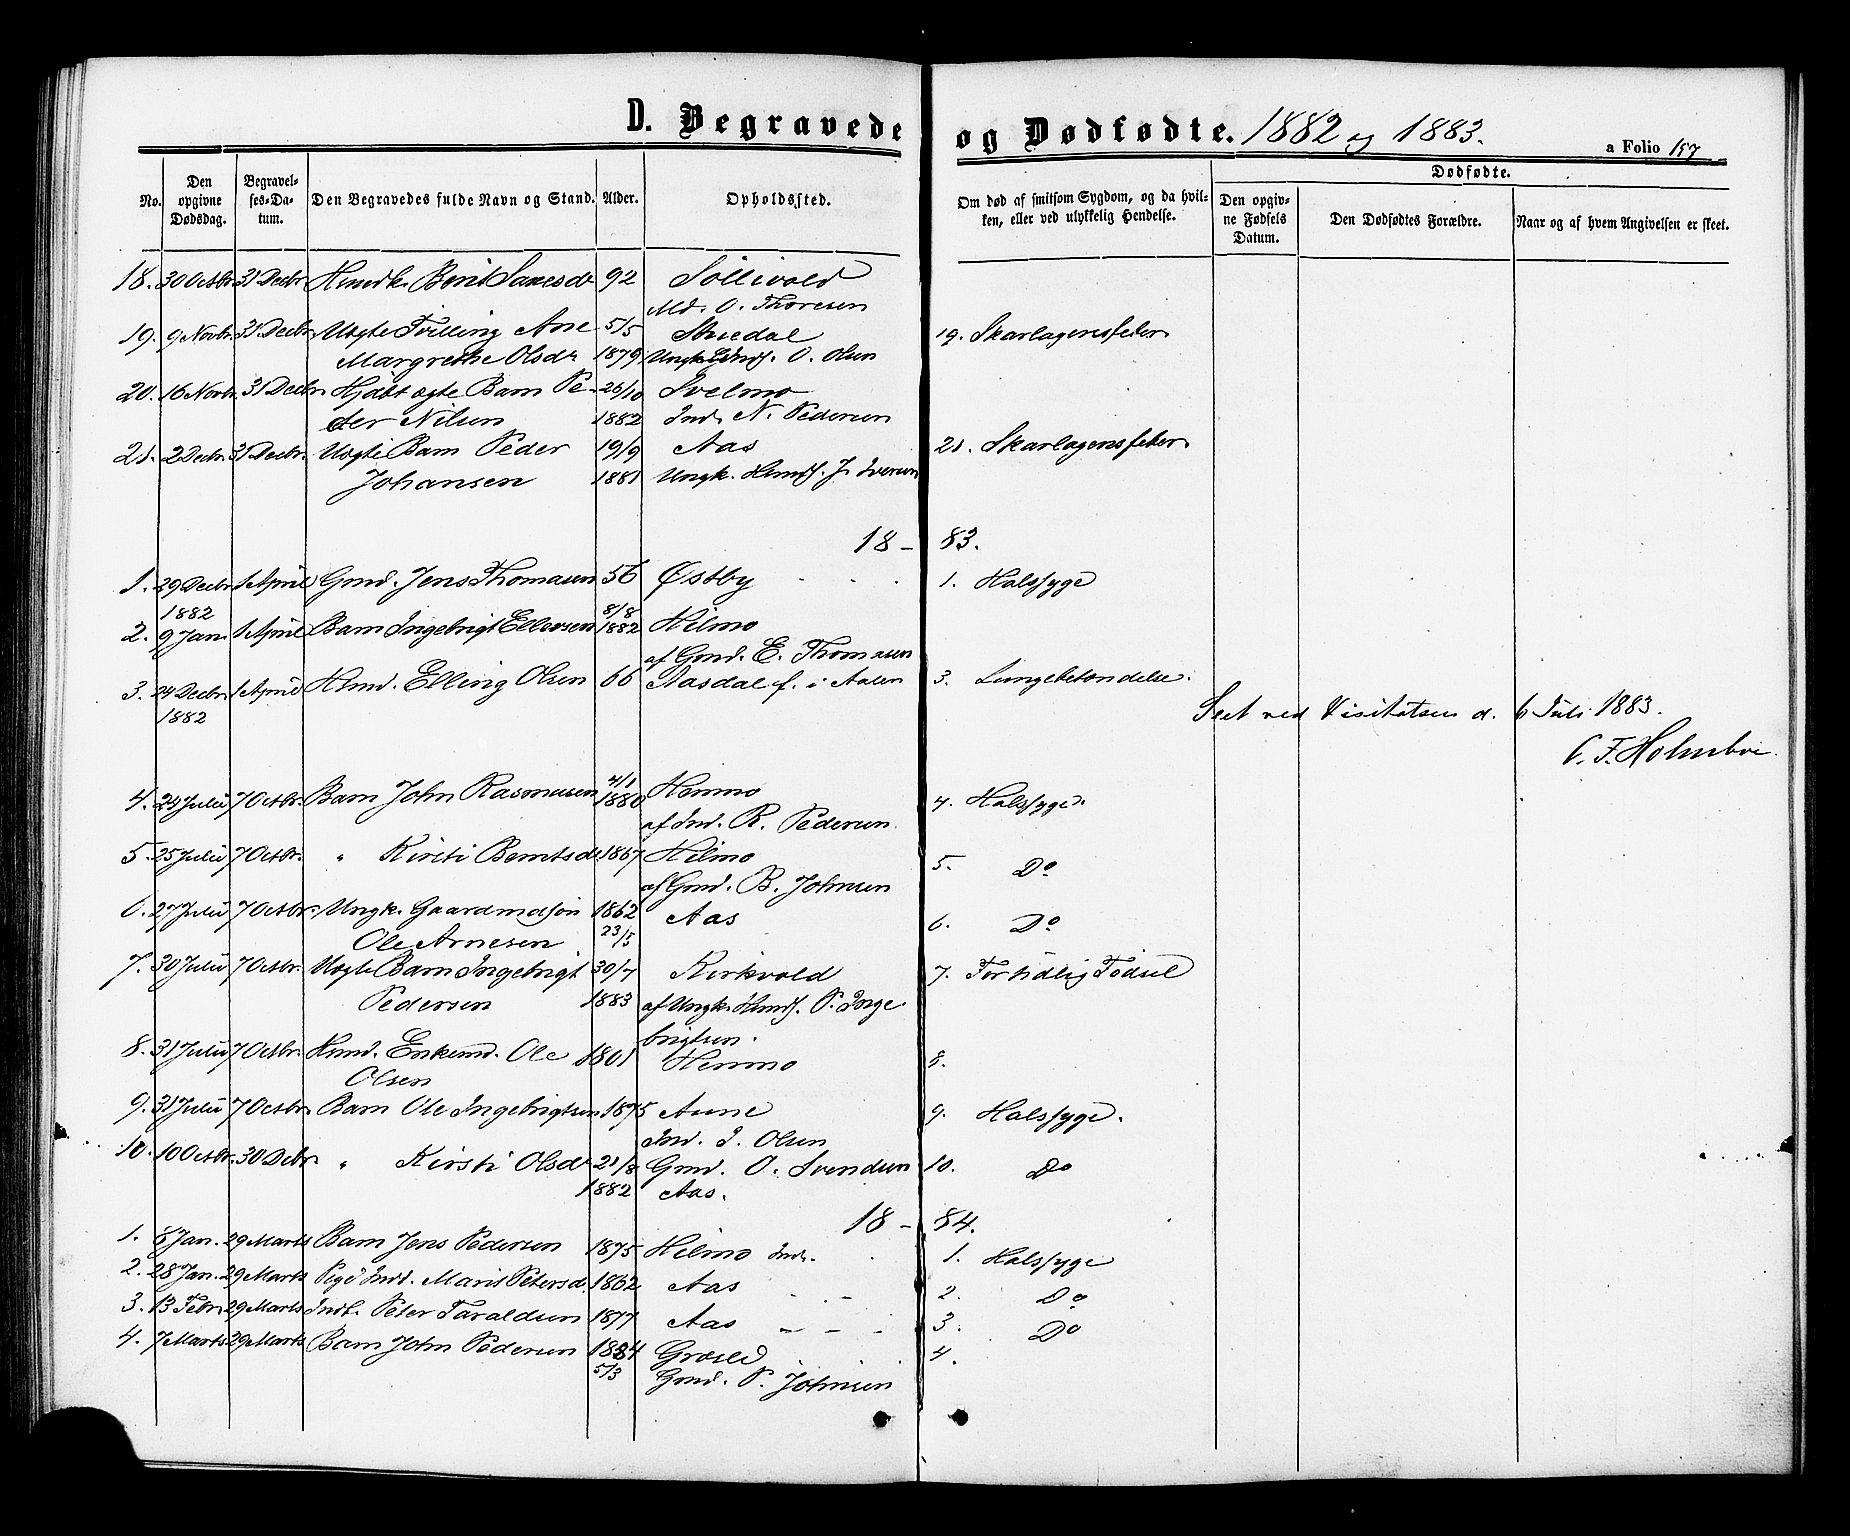 SAT, Ministerialprotokoller, klokkerbøker og fødselsregistre - Sør-Trøndelag, 698/L1163: Ministerialbok nr. 698A01, 1862-1887, s. 157